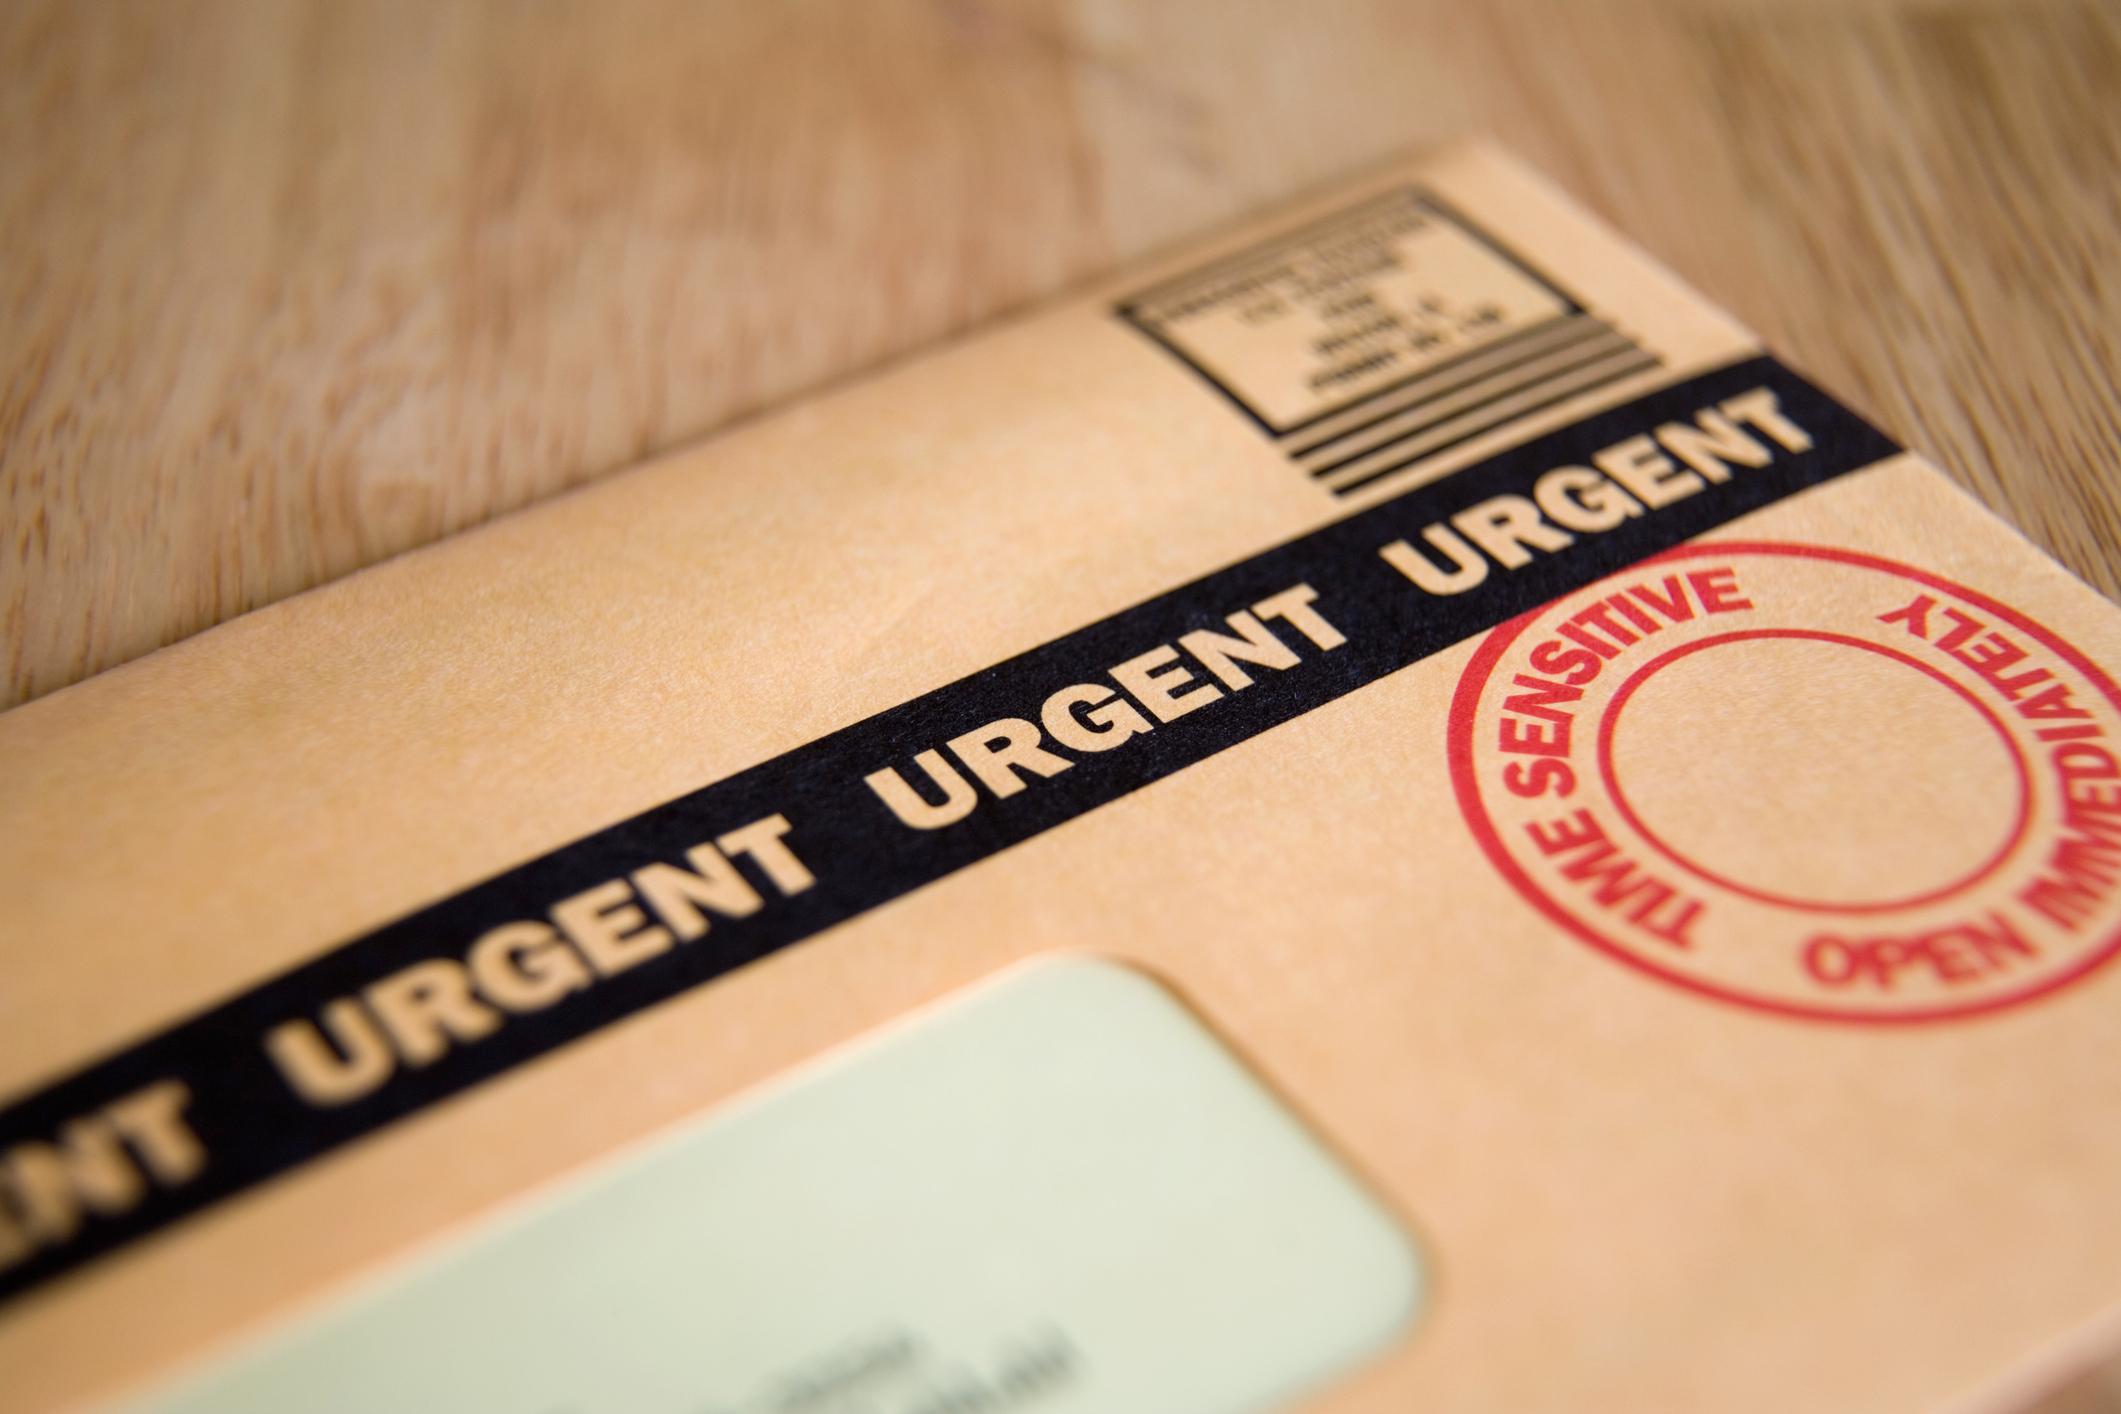 urgentmail